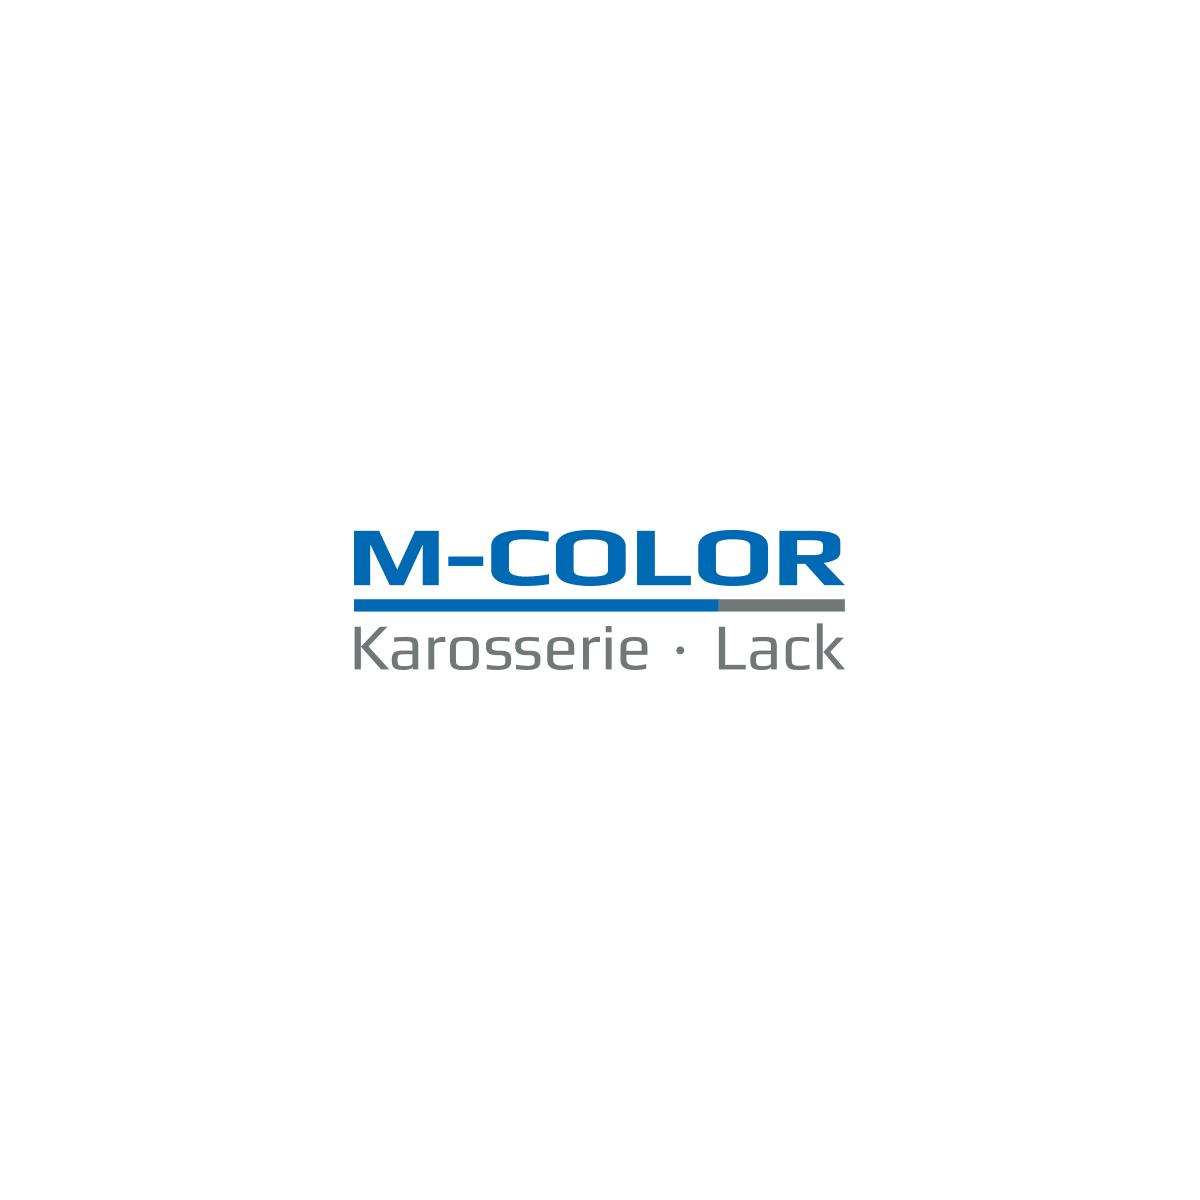 M-Color - Die Auto-Werkstatt in Berlin